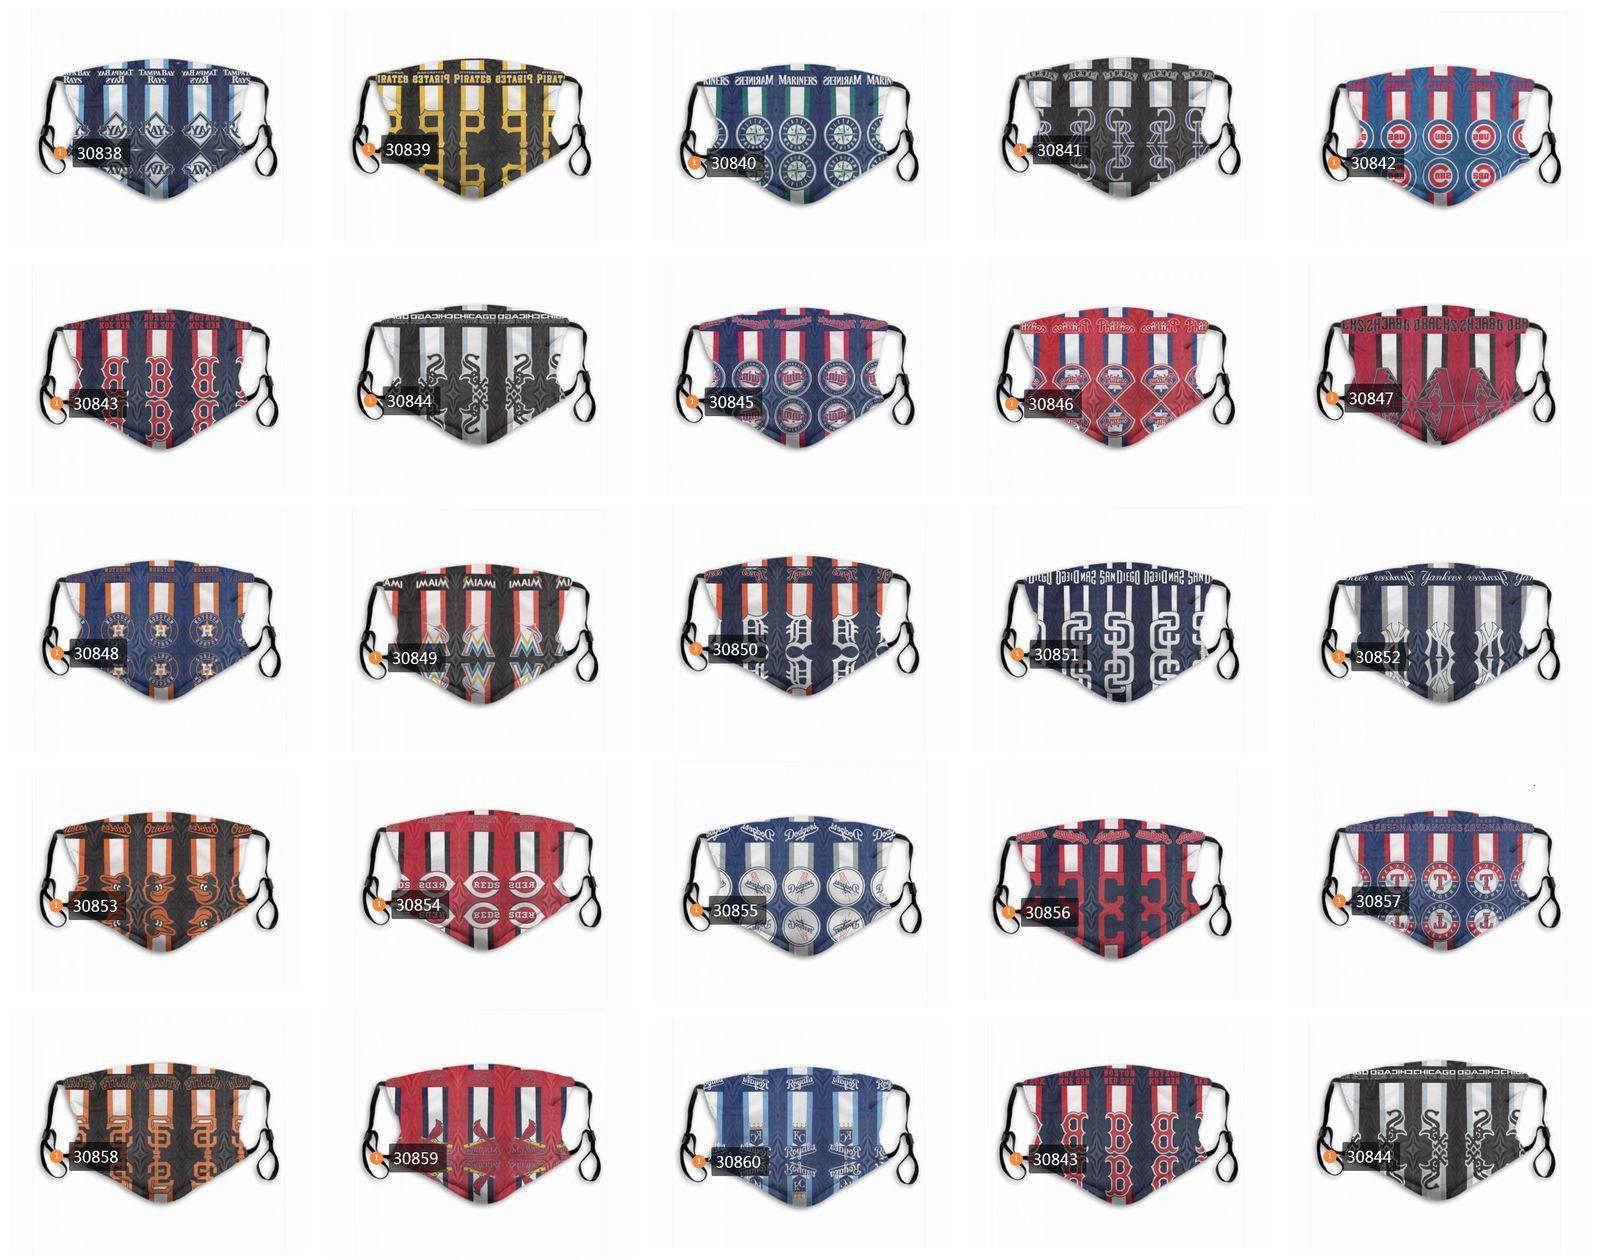 Maske Frauen 2020 und Designermode Neu! Männer Fußball Gesicht waschbarer schützender personalisierter Luxus 3-Layer PM2.5-Masken